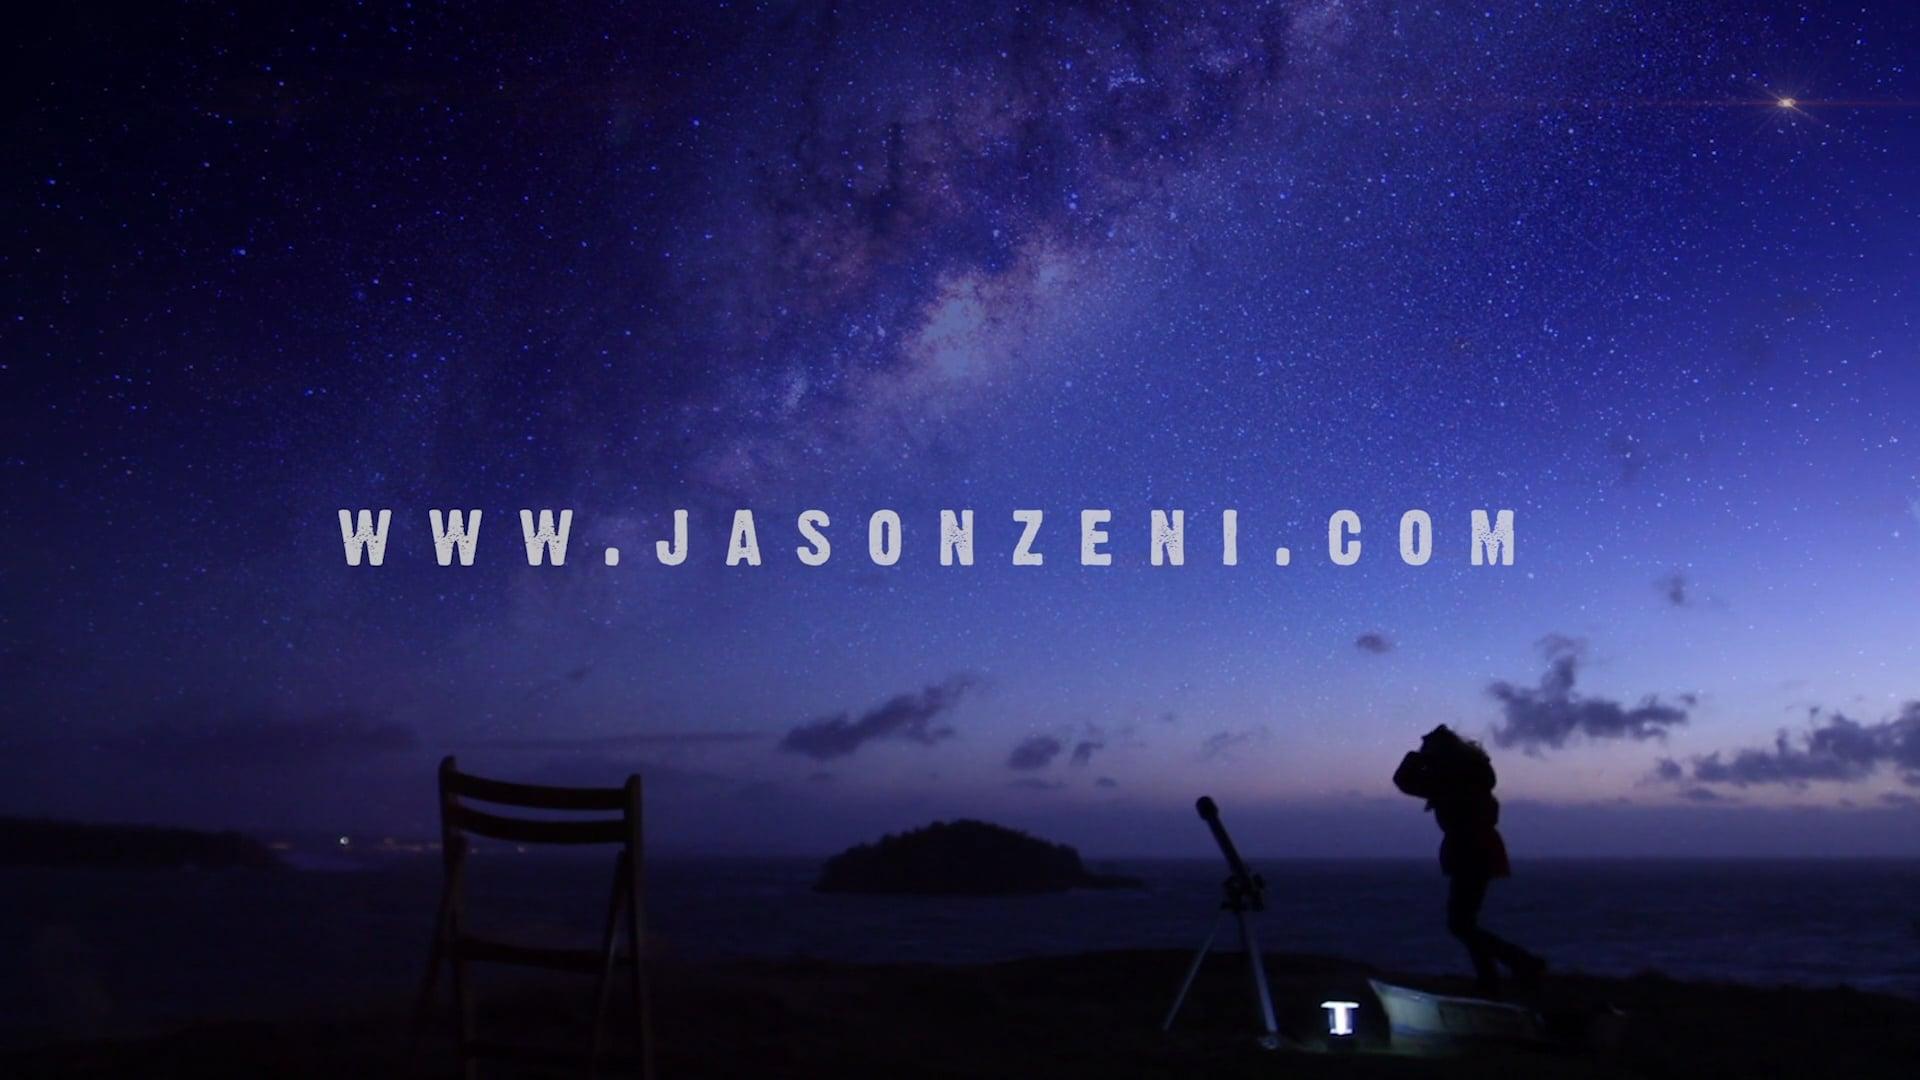 Jason Zeni Show Reel